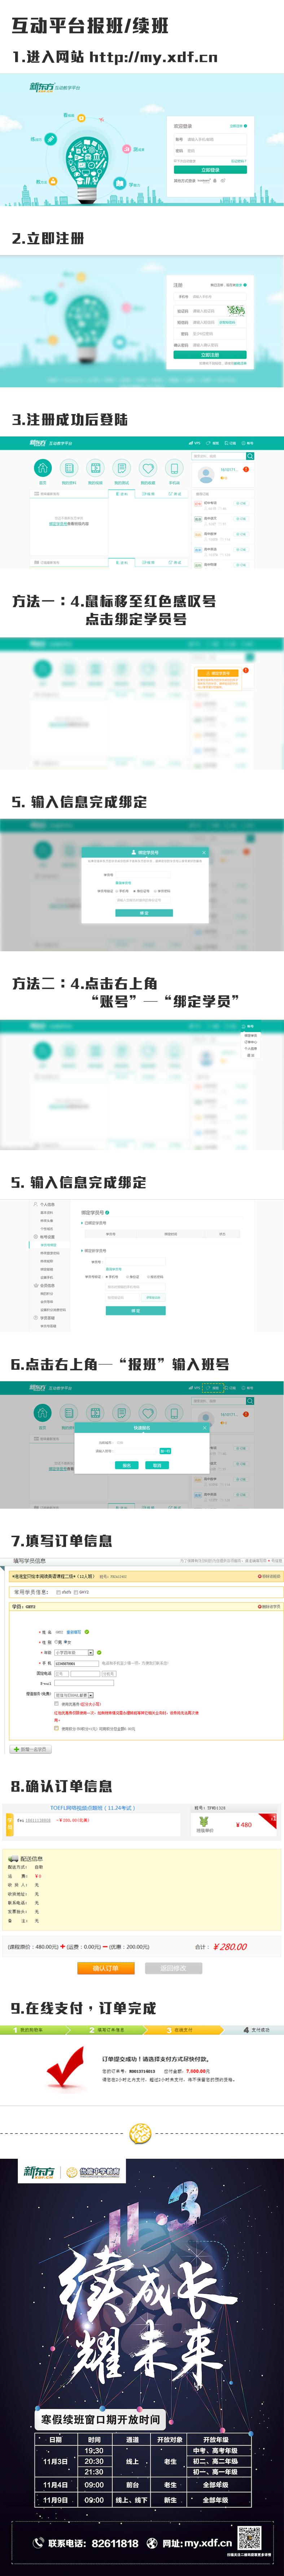 新东方互动平台报班&续班流程简介(图)